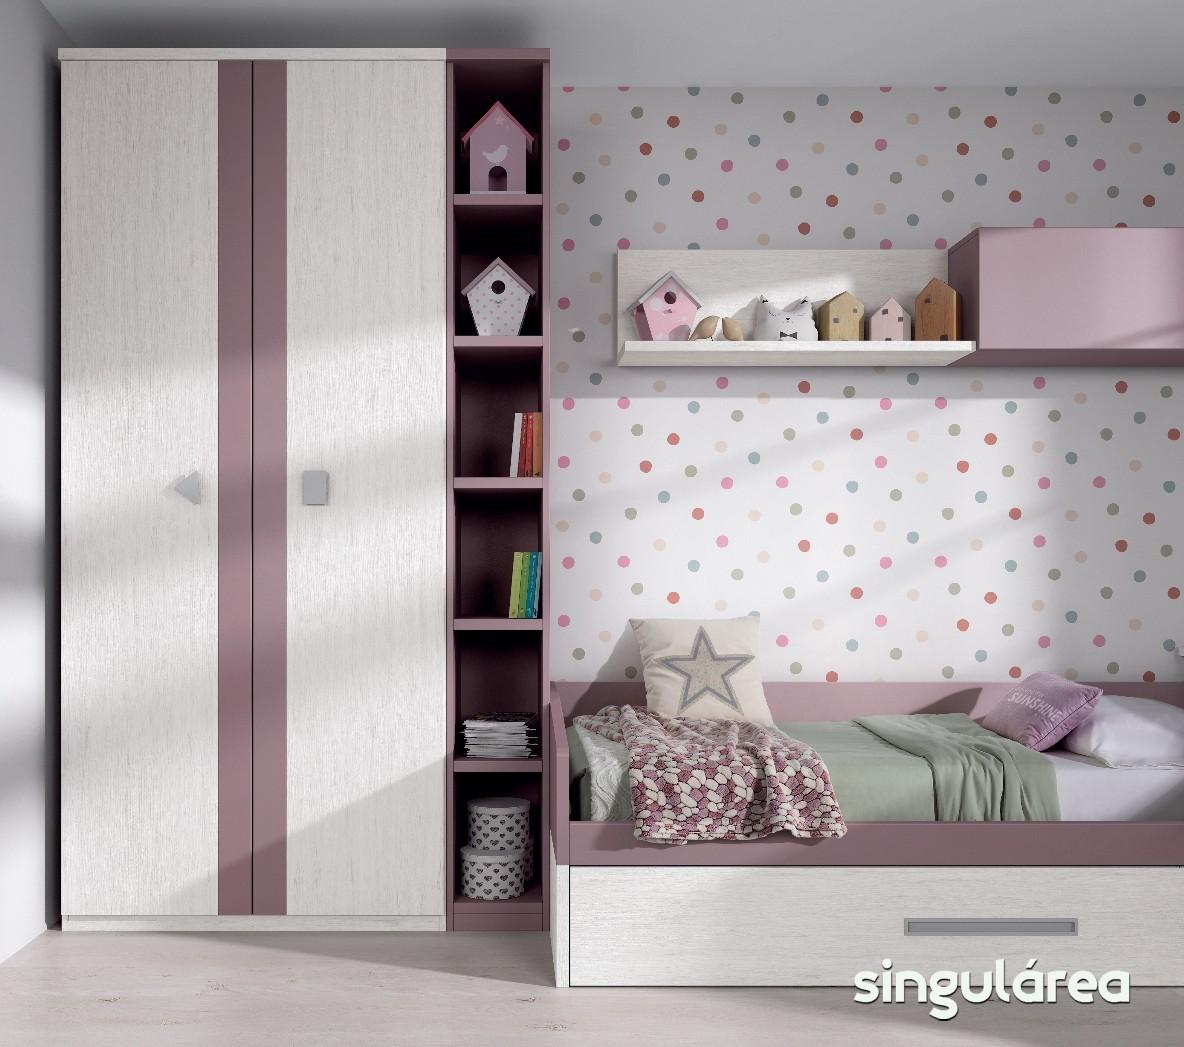 Dormitorio infantil 1388 - Dormitorios infantiles valencia ...